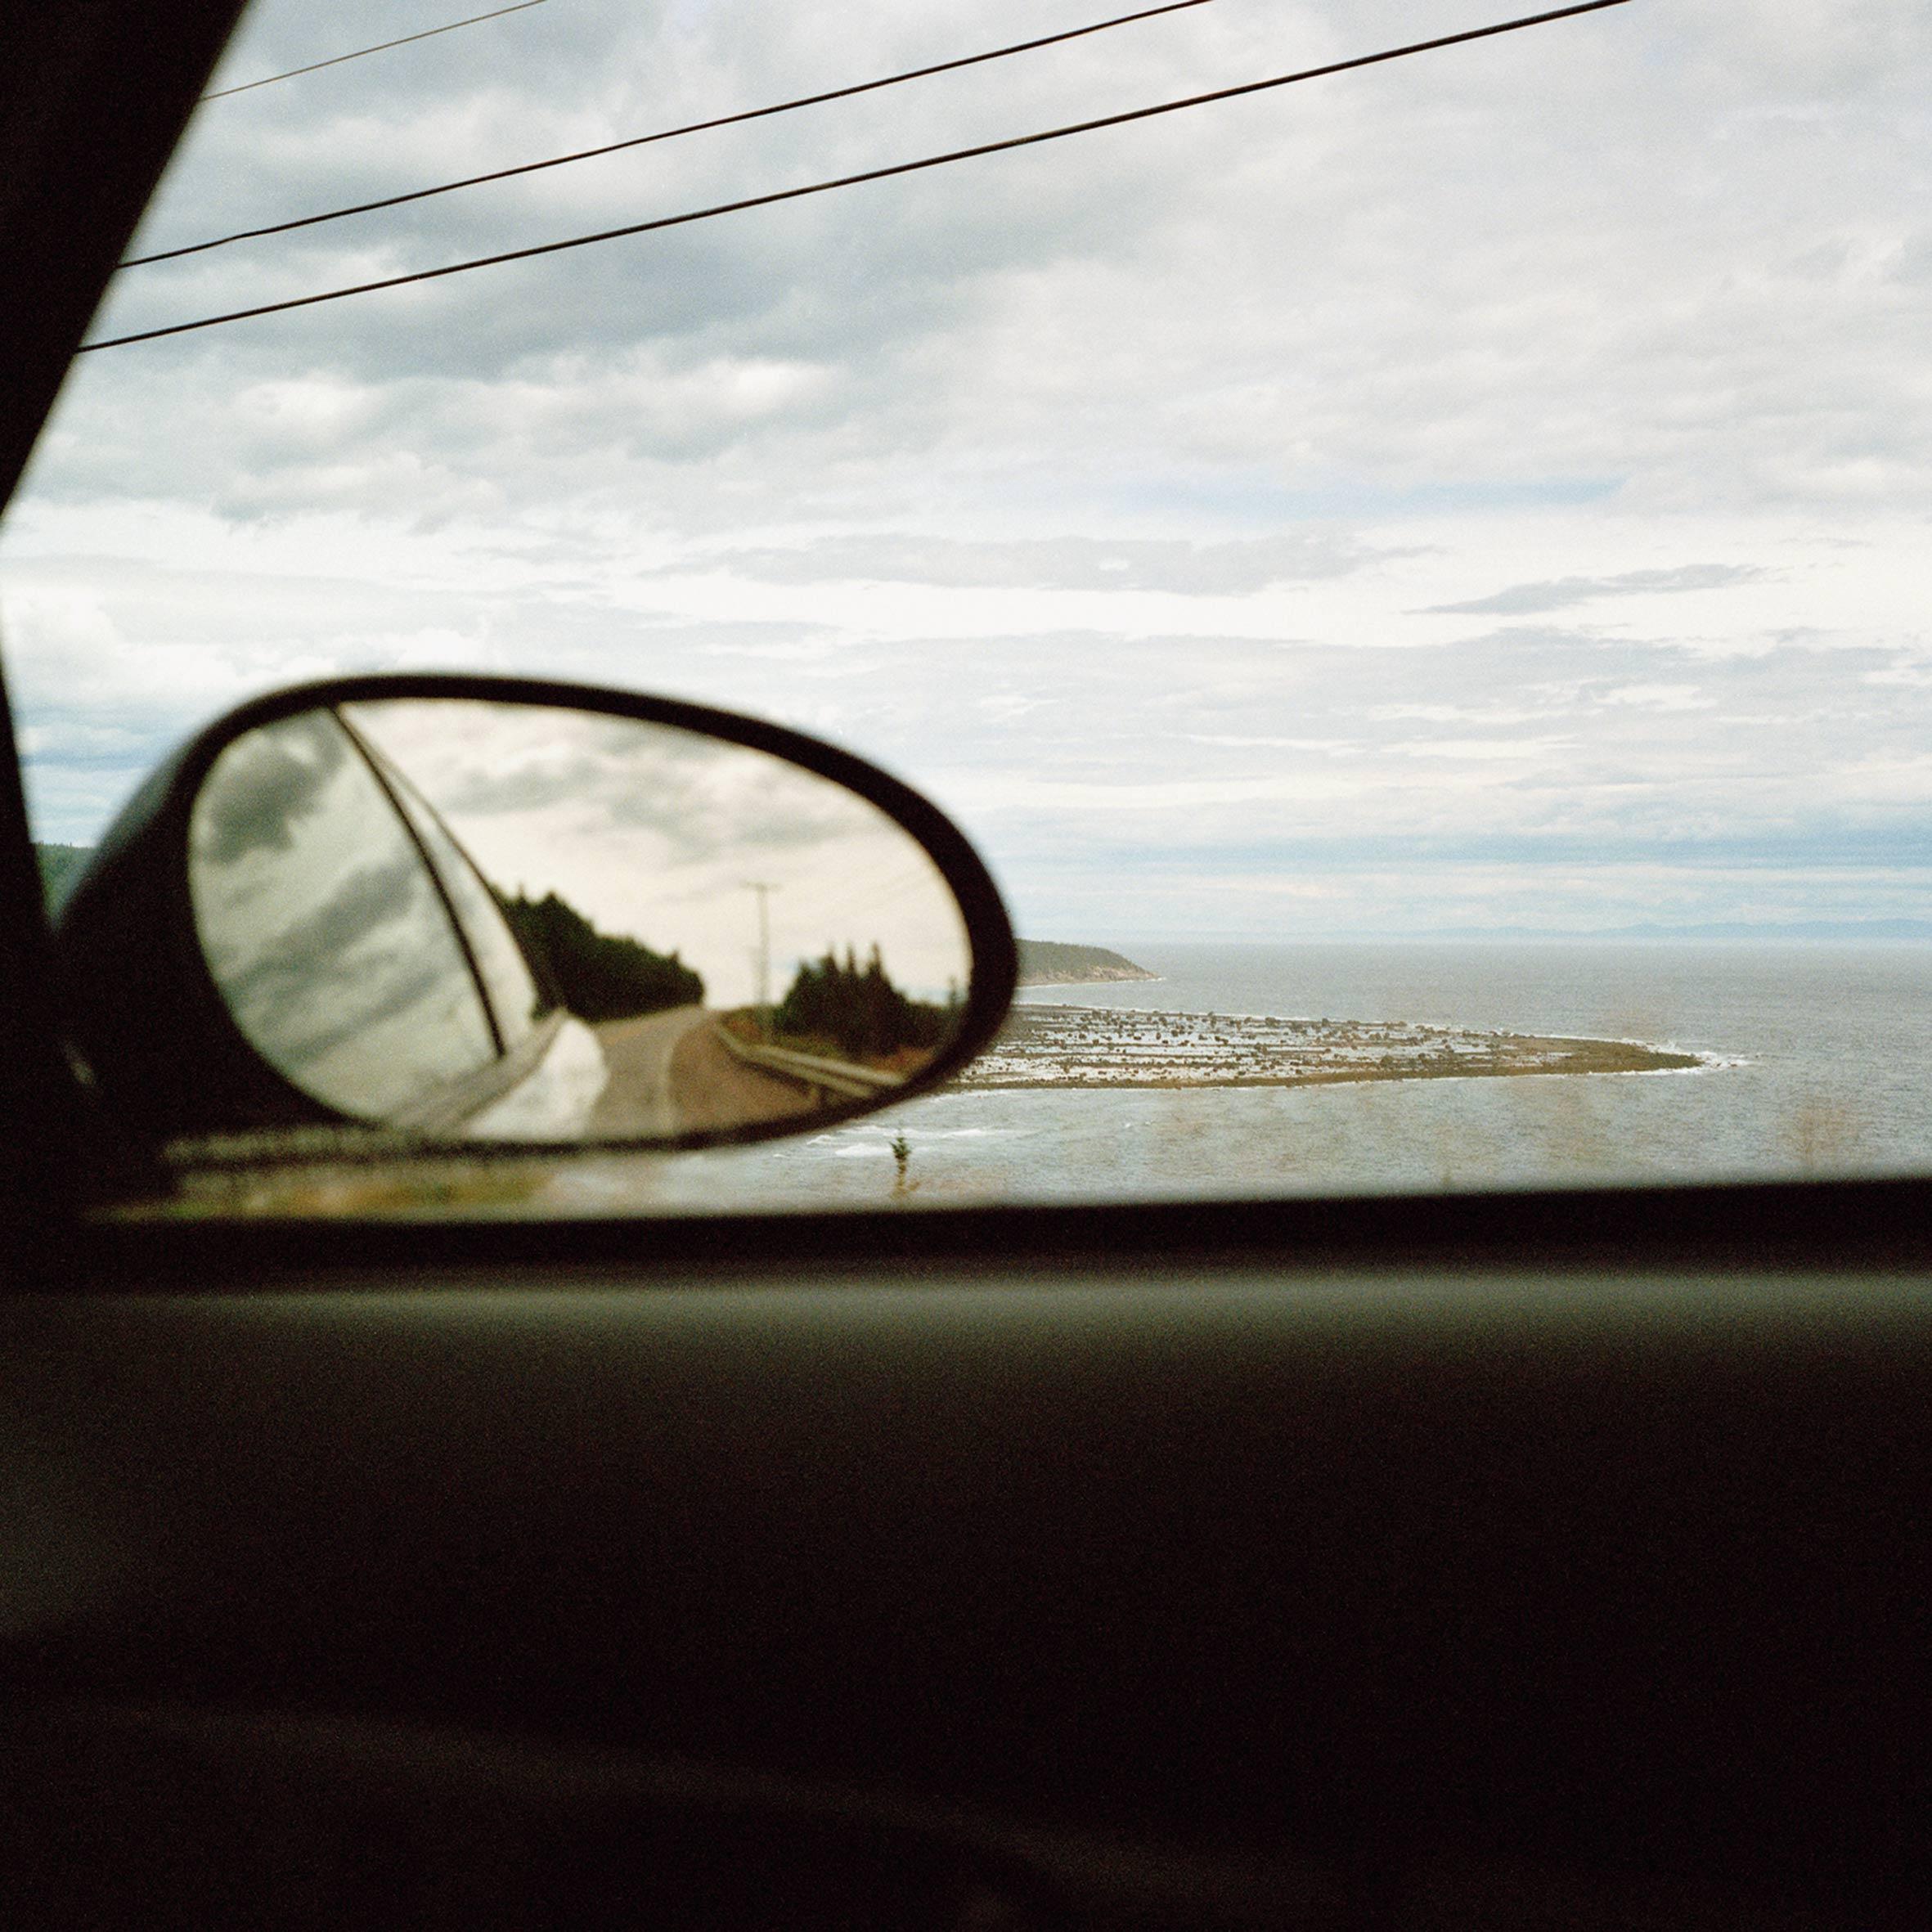 marcher créer, périple autobiographique, territoire du Labrador au Québec, portrait de famille, paysage urbain, paysage périurbain et paysage de la campagne